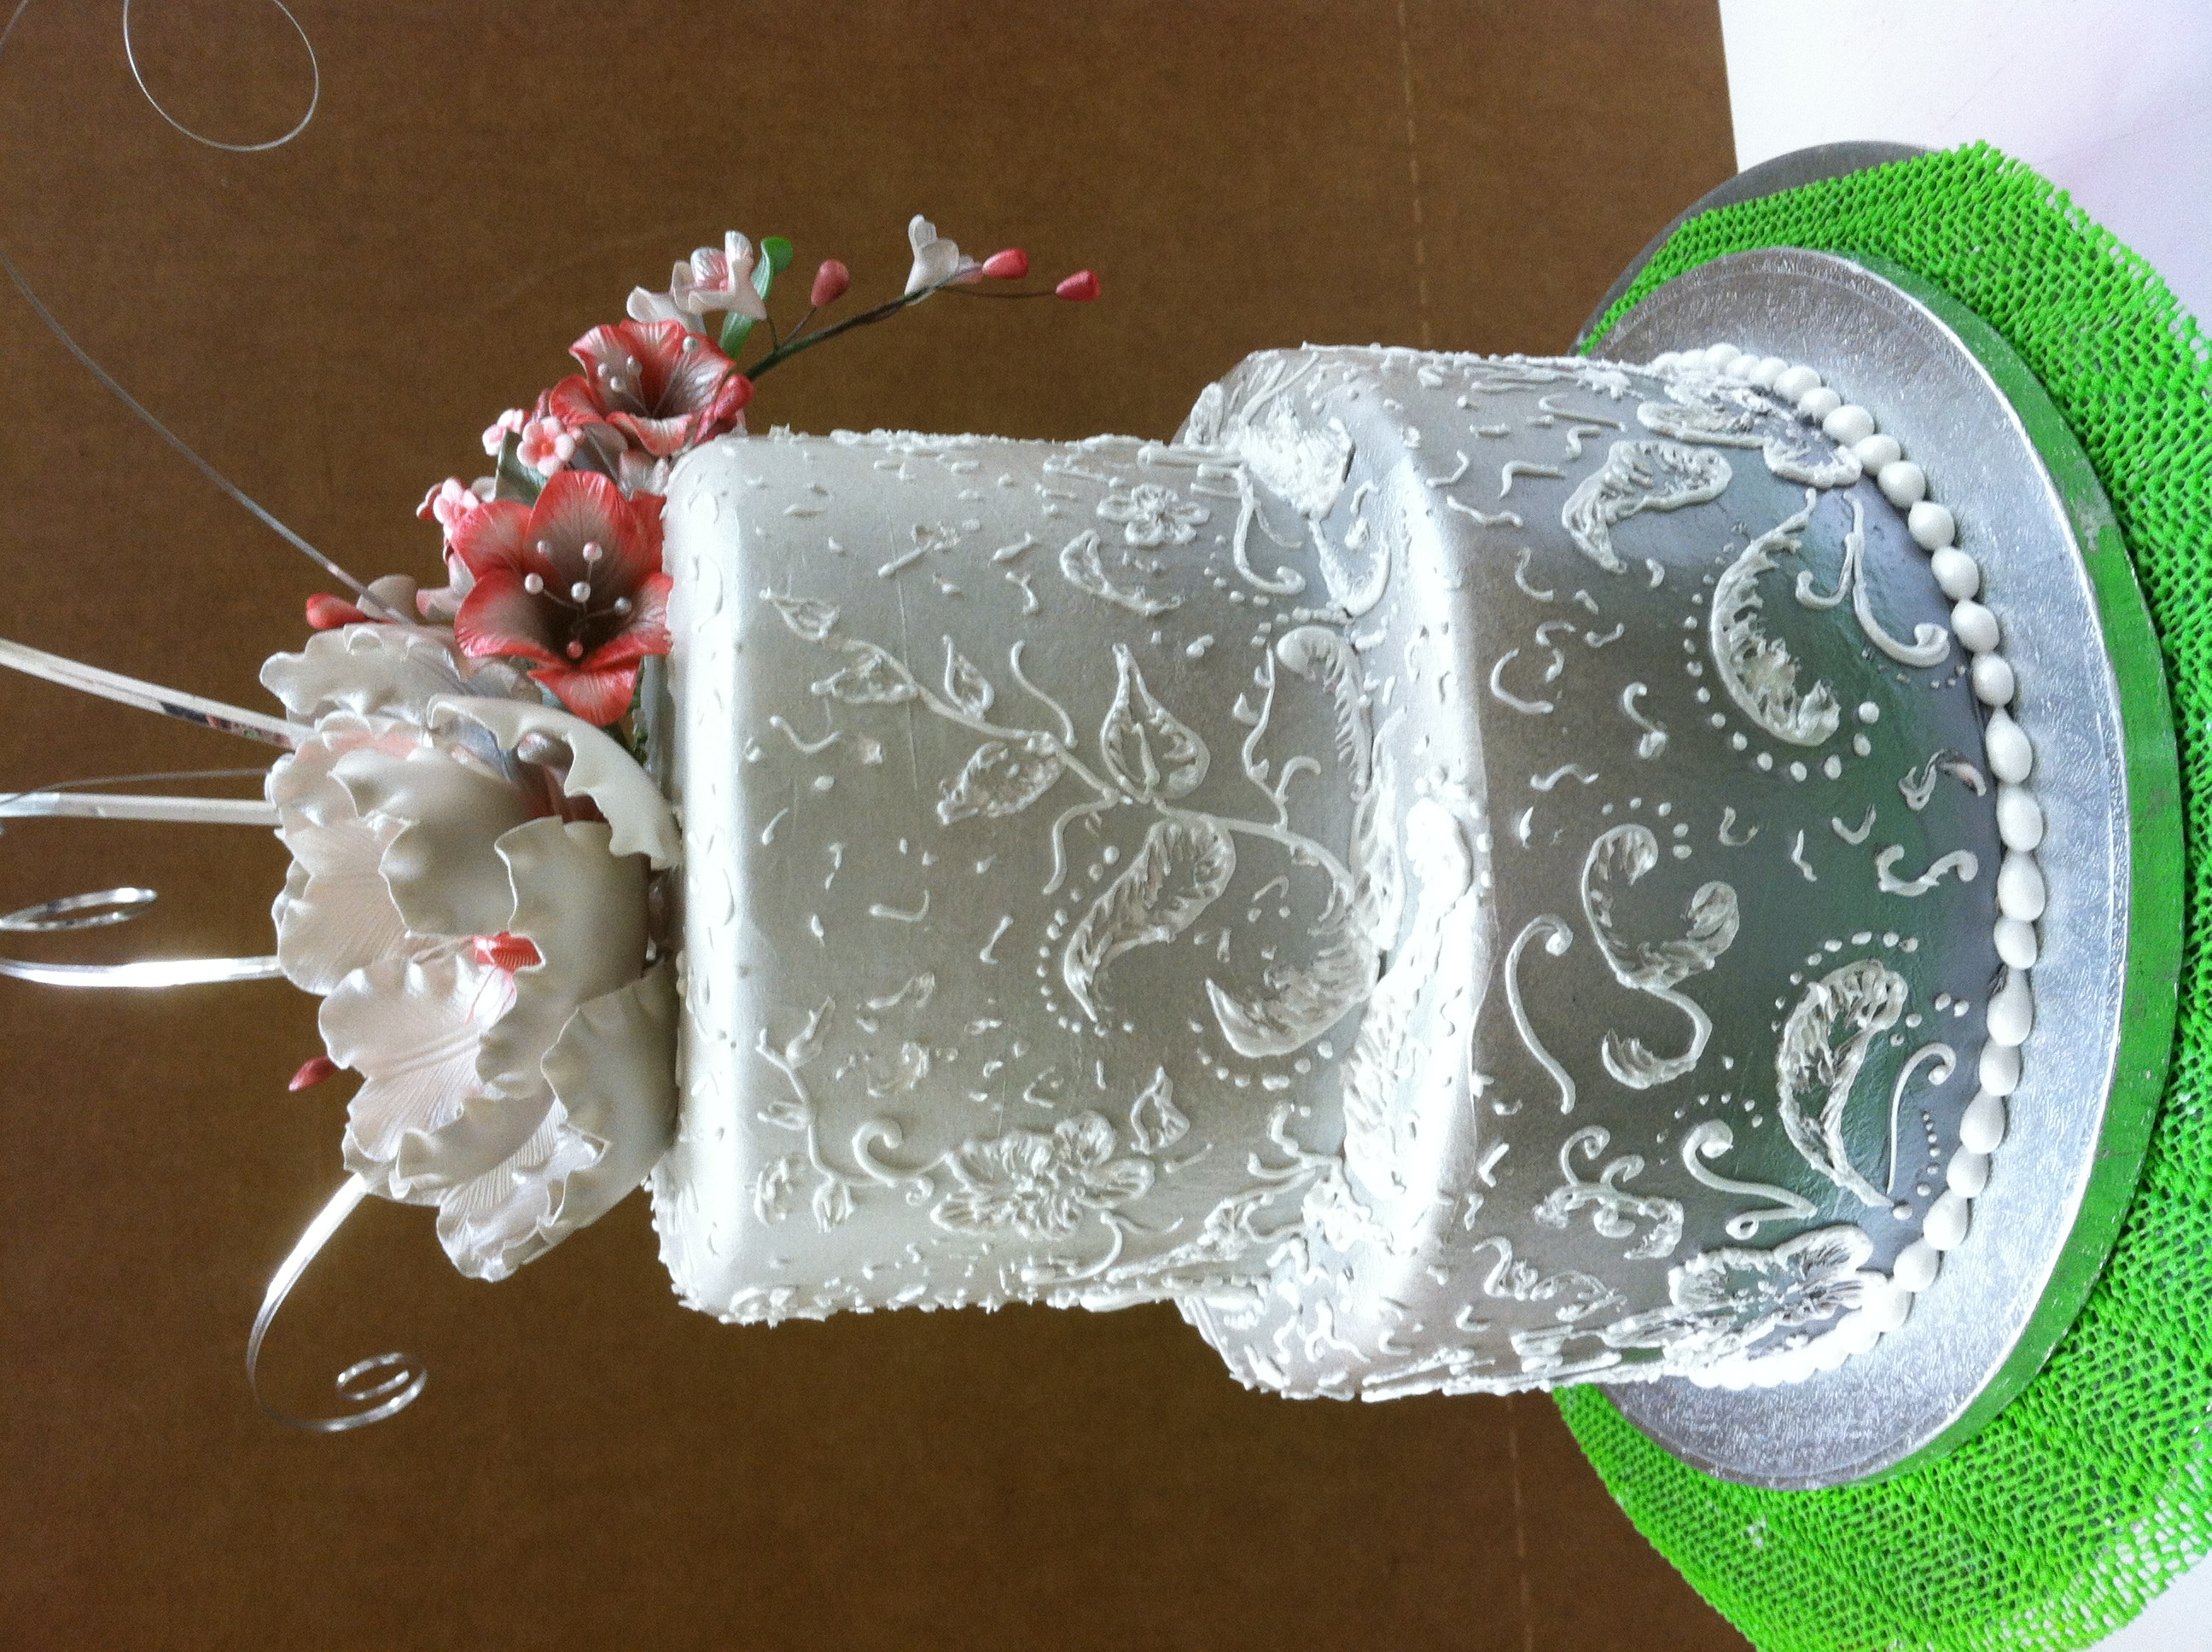 Hy Vee Bakery Wedding Cakes  Hyvee Wedding Cake Prices